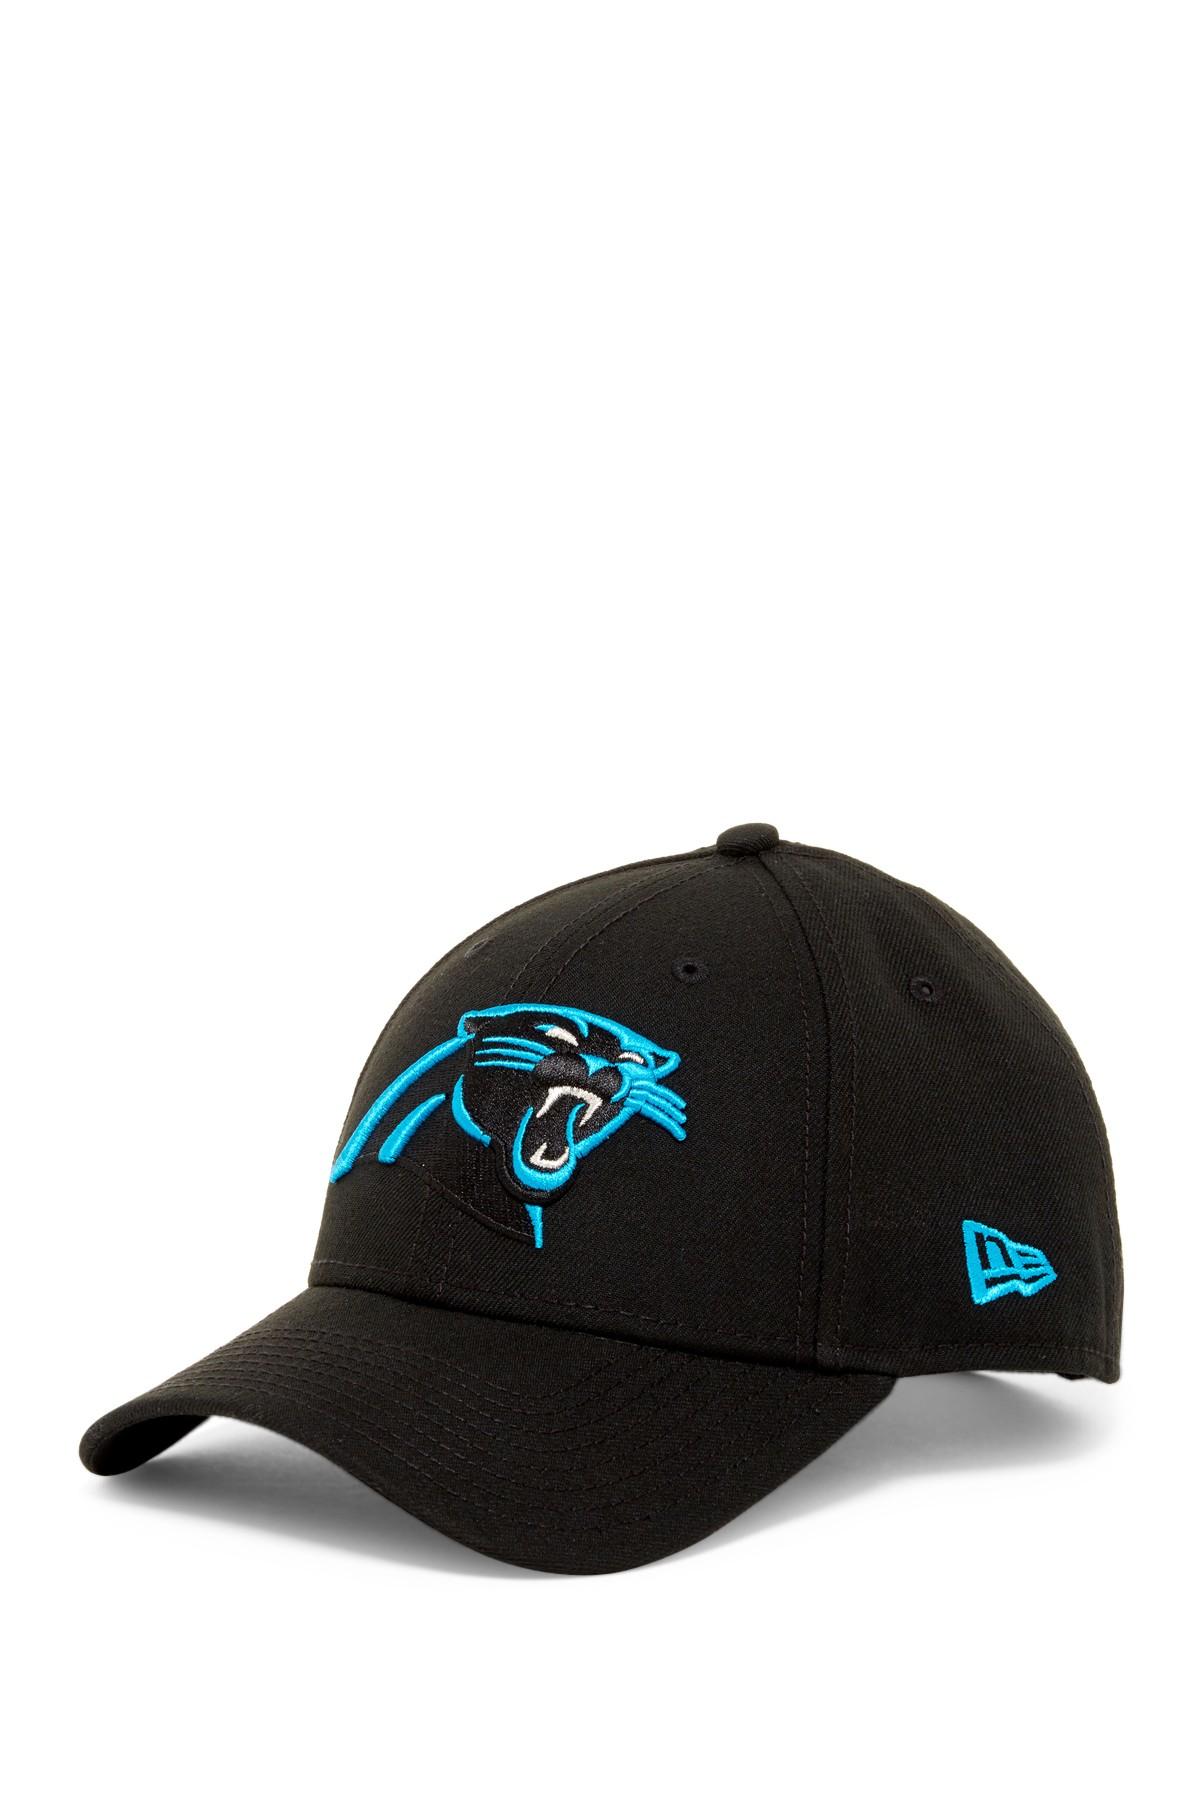 Ktz Nfl Carolina Panthers Black Twill Football Cap In